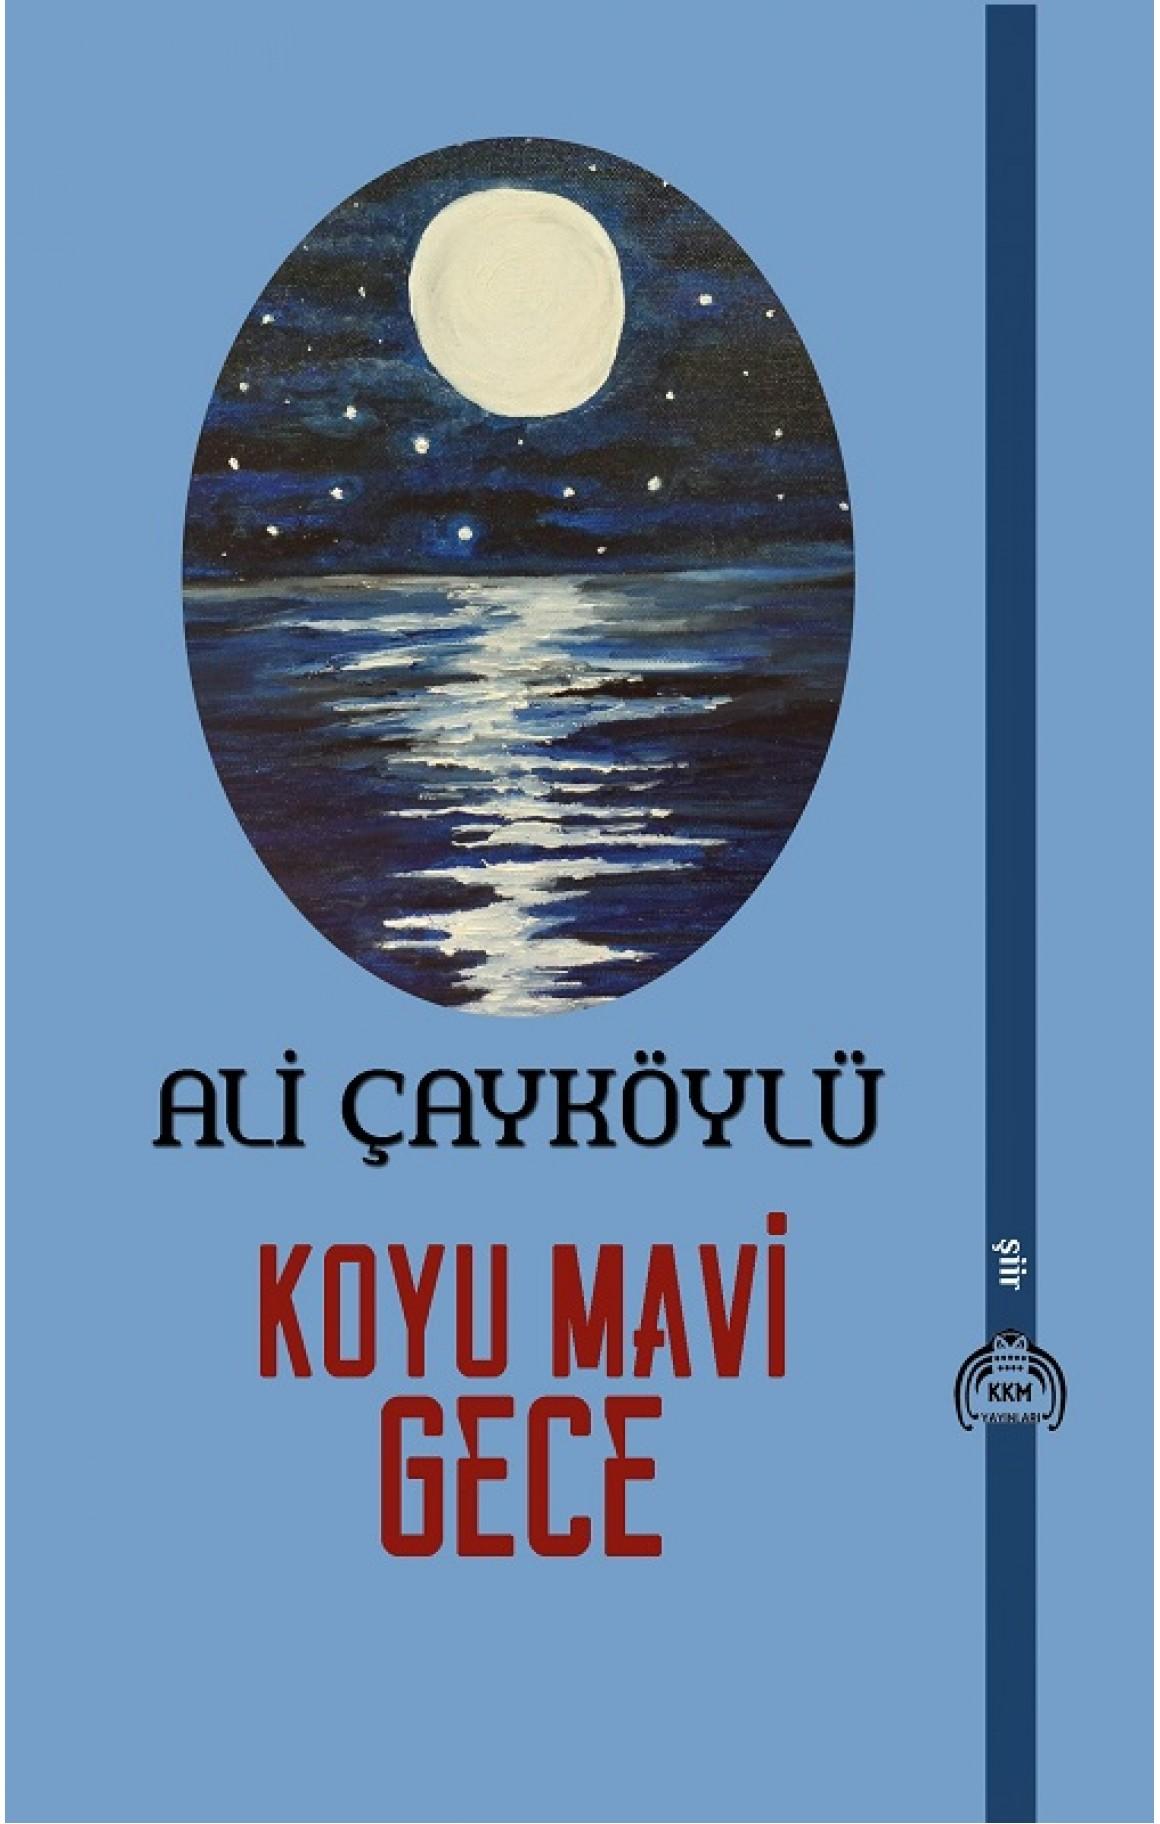 Koyu Mavi Gece